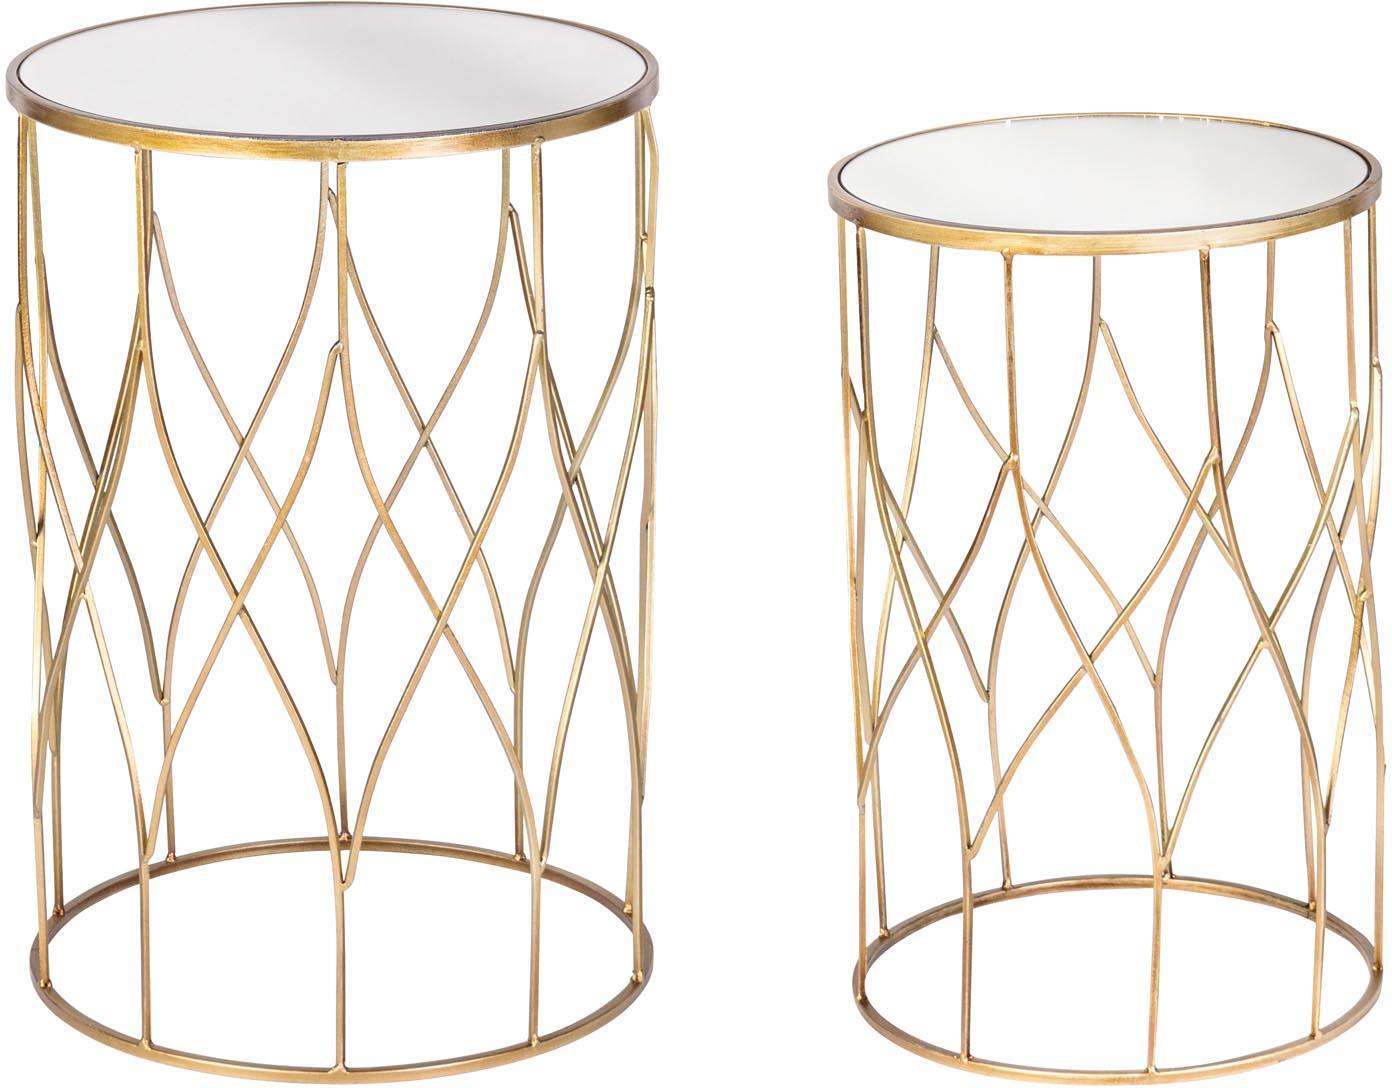 Beistelltisch 2er-Set Elenor Large mit Spiegelglasplatte, Gestell: Metall, pulverbeschichtet, Tischplatte: Spiegelglas, Gestell: GoldfarbenTischoberfläche: Spiegelglas, Sondergrößen